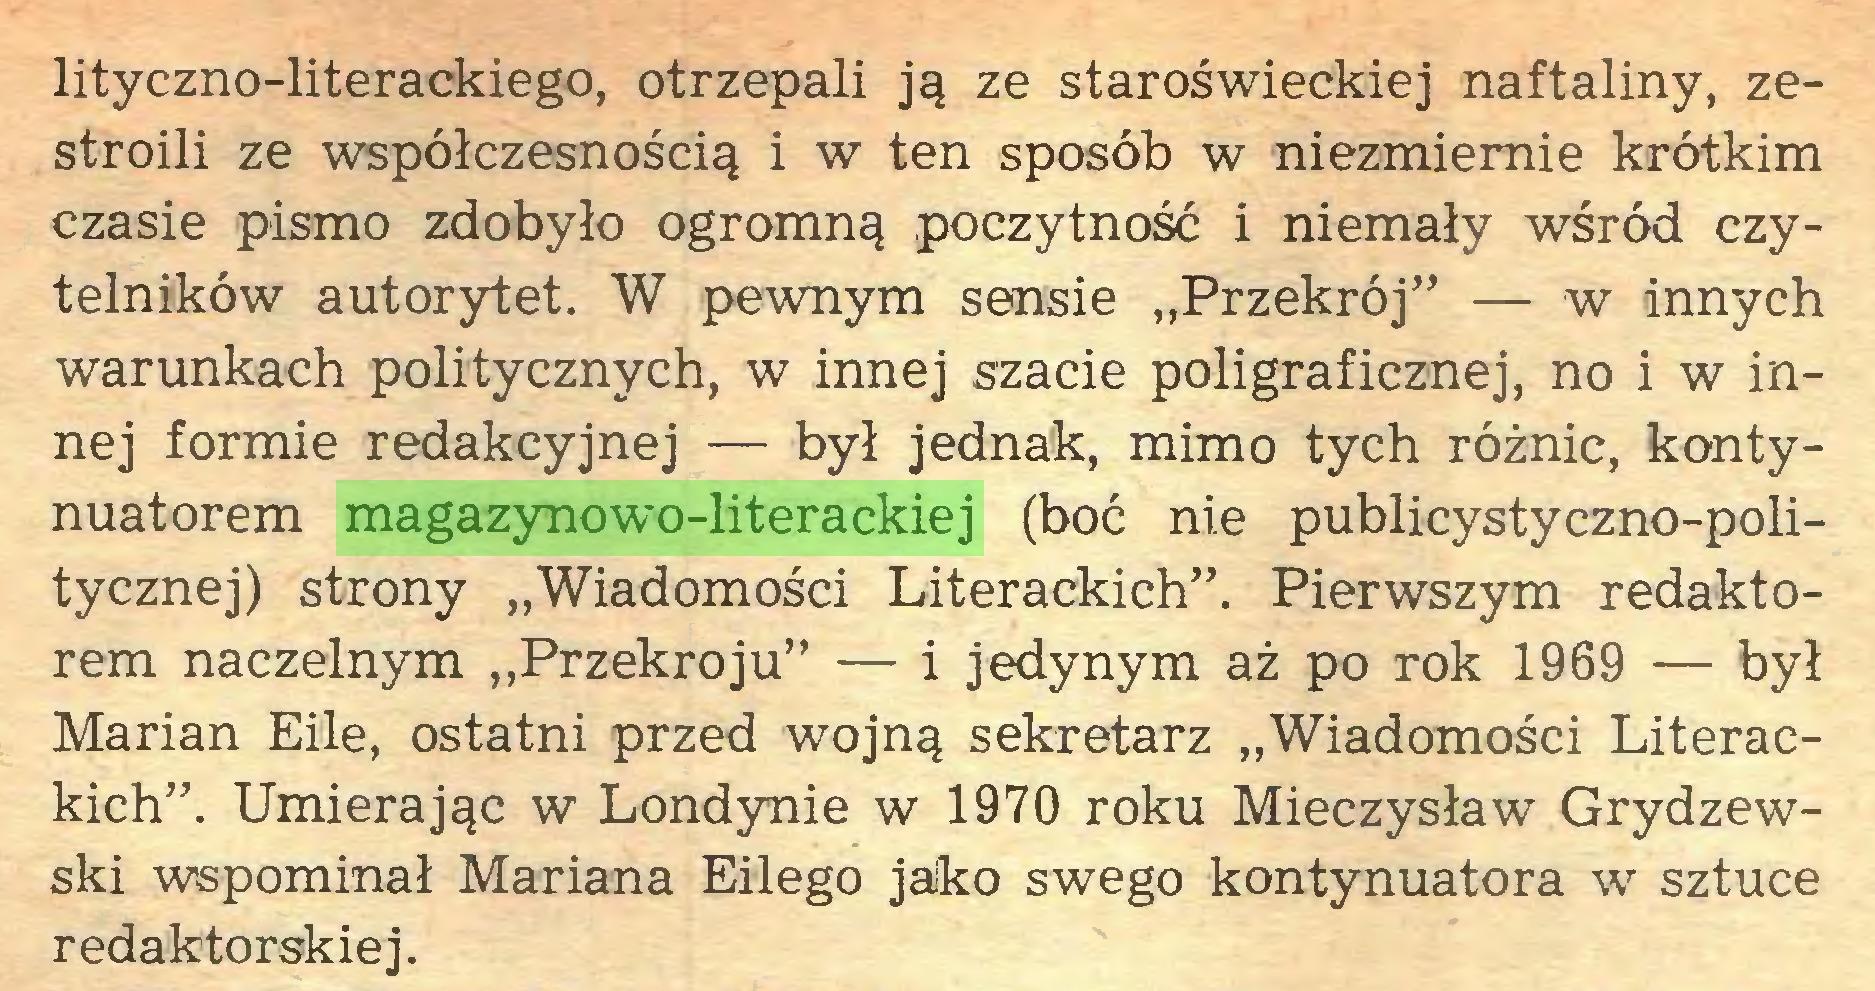 """(...) lityczno-literackiego, otrzepali ją ze staroświeckiej naftaliny, zestroili ze współczesnością i w ten sposób w niezmiernie krótkim czasie pismo zdobyło ogromną poczytność i niemały wśród czytelników autorytet. W pewnym sensie """"Przekrój"""" — w innych warunkach politycznych, w innej szacie poligraficznej, no i w innej formie redakcyjnej — był jednak, mimo tych różnic, kontynuatorem magazynowo-literackiej (boć nie publicystyczno-politycznej) strony """"Wiadomości Literackich"""". Pierwszym redaktorem naczelnym """"Przekroju"""" — i jedynym aż po rok 1969 — był Marian Eile, ostatni przed wojną sekretarz """"Wiadomości Literackich"""". Umierając w Londynie w 1970 roku Mieczysław Grydzewski wspominał Mariana Eilego jako swego kontynuatora w sztuce redaktorskiej..."""